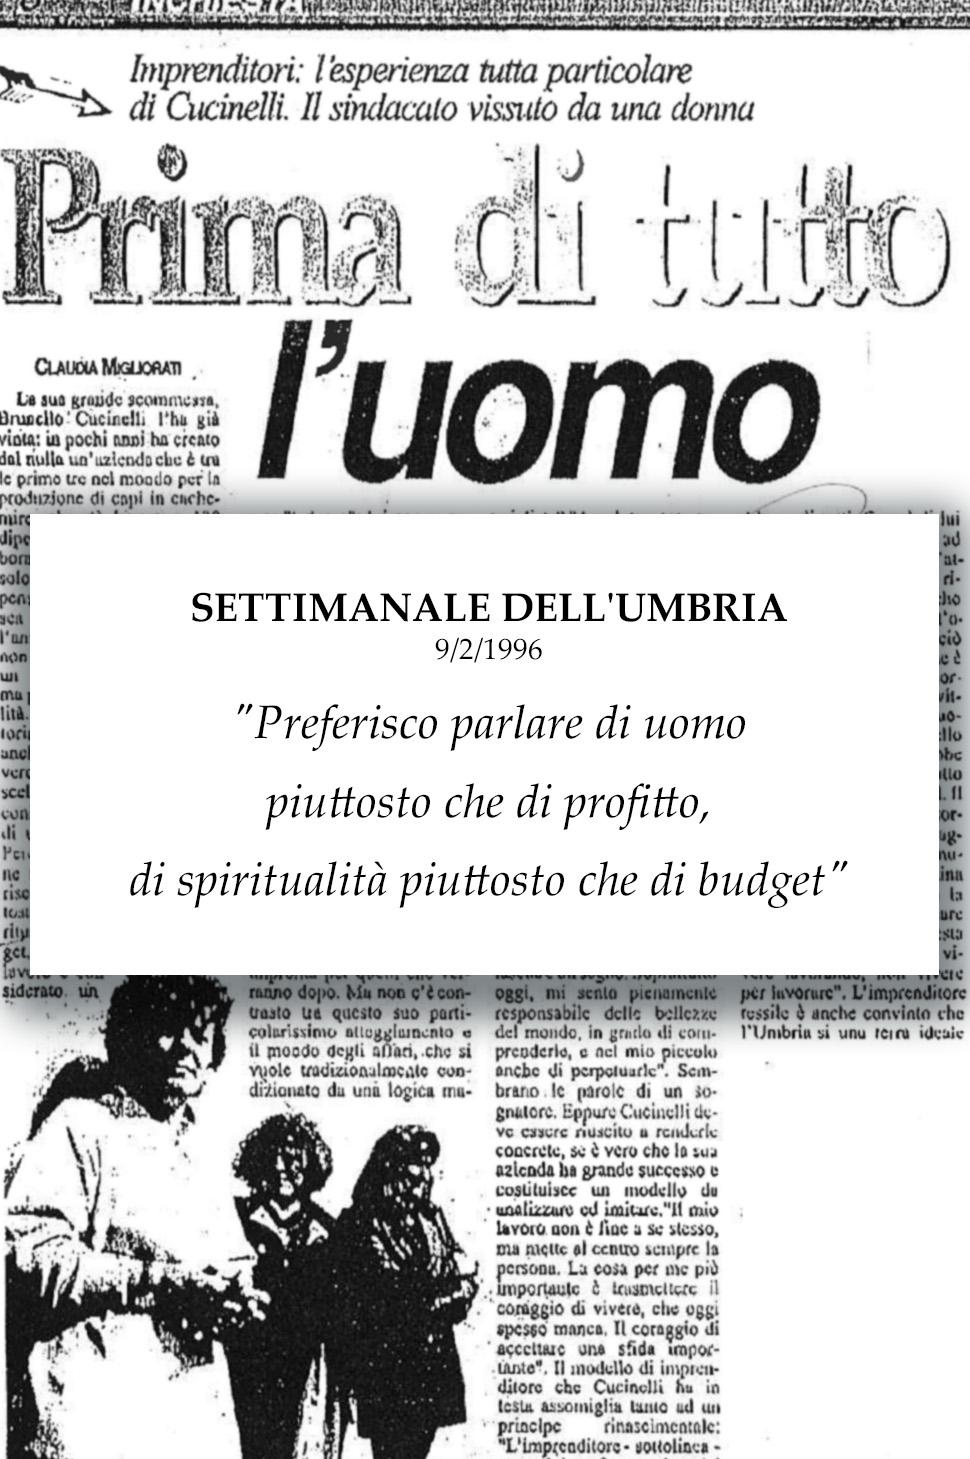 1996 Settimanale dell'Umbria